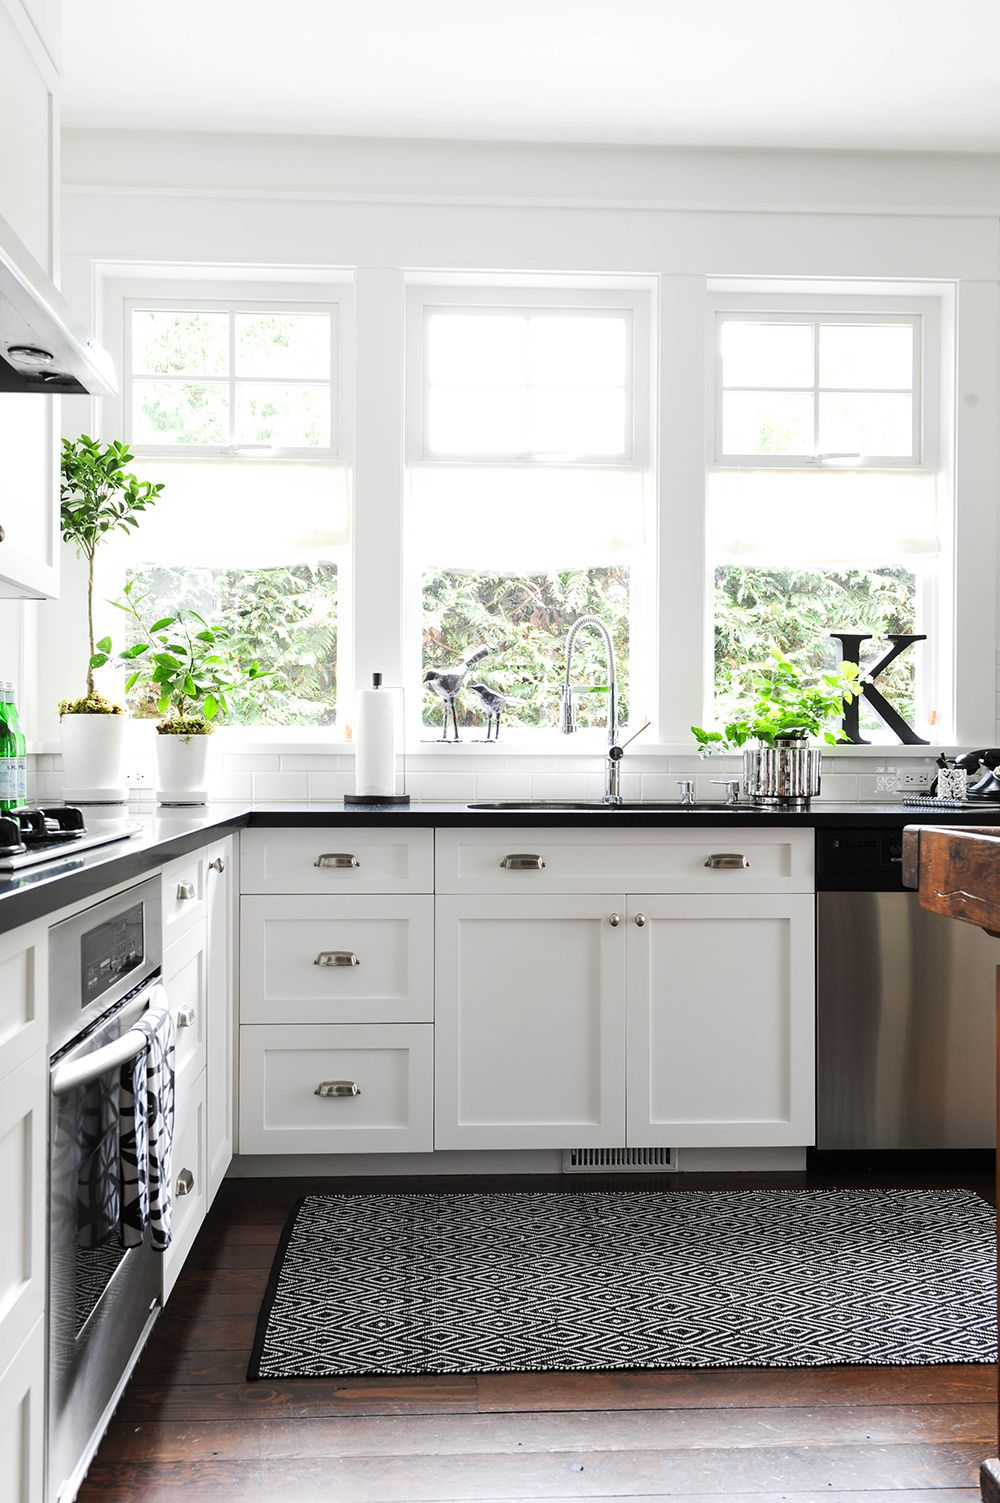 windows over kitchen sink | Dreamy Kitchen | Pinterest | Cocinas ...